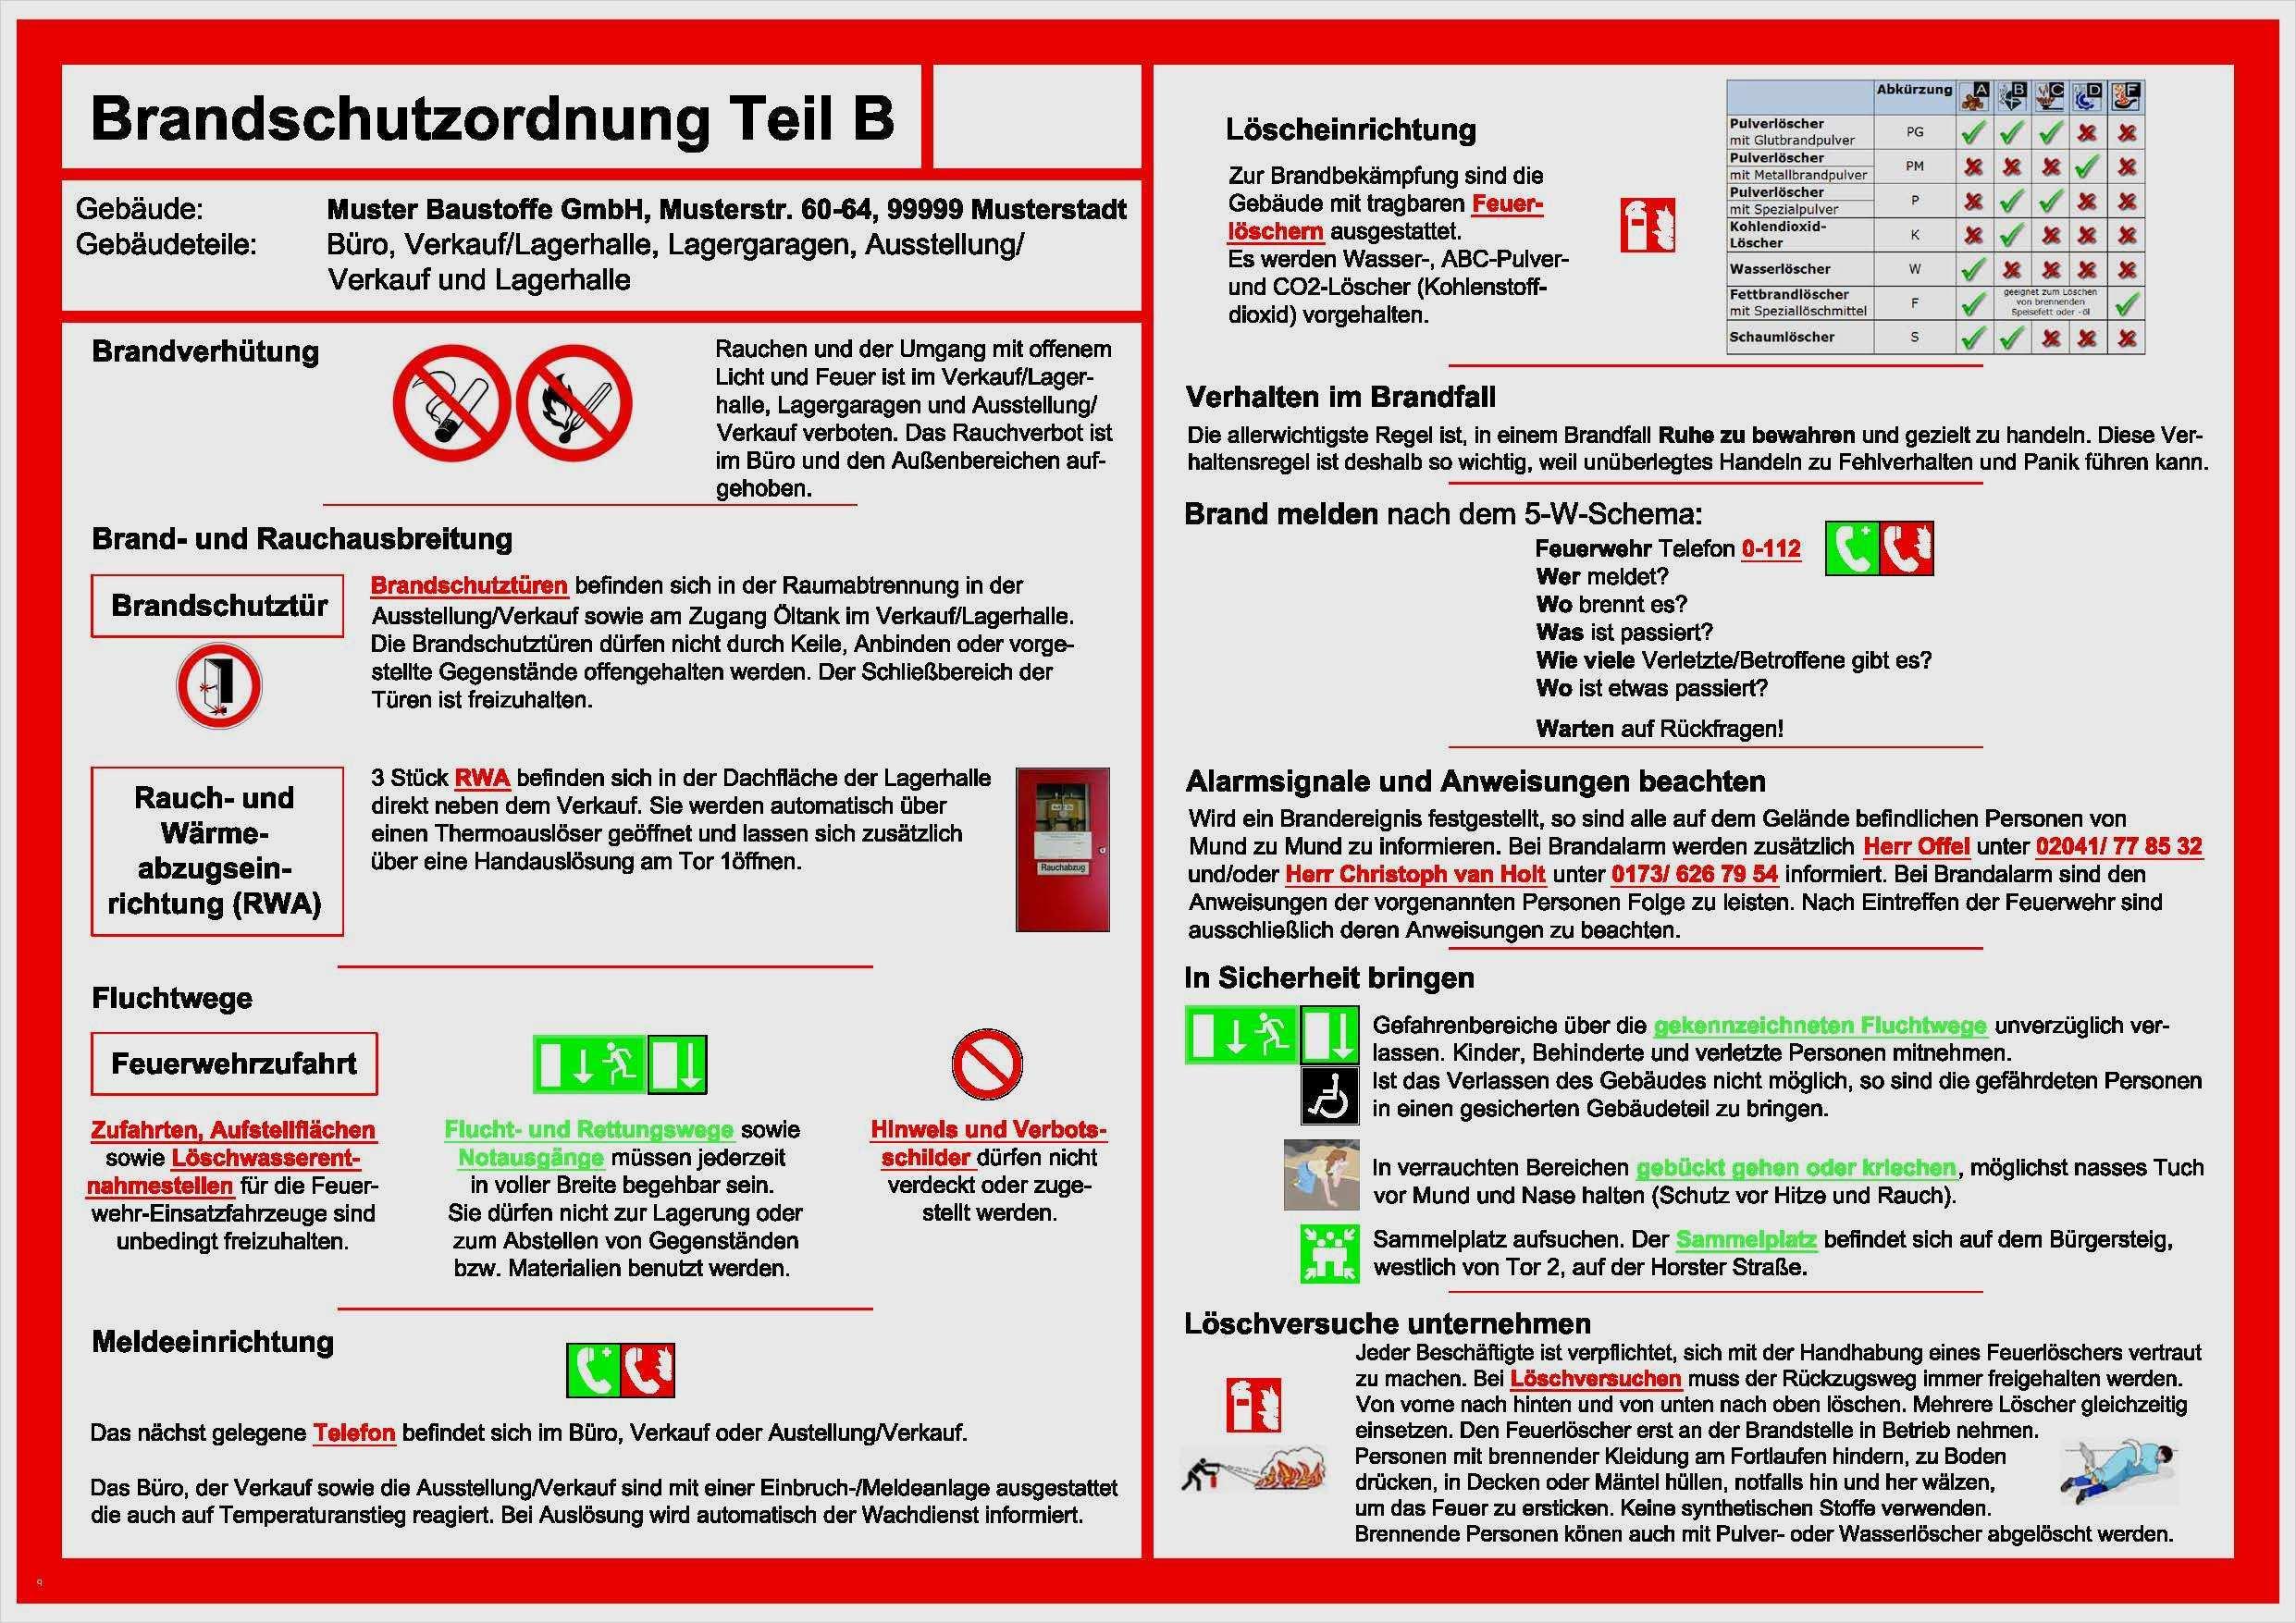 Brandschutzordnung Vorlage Word 15 Einzigartig Solche Konnen